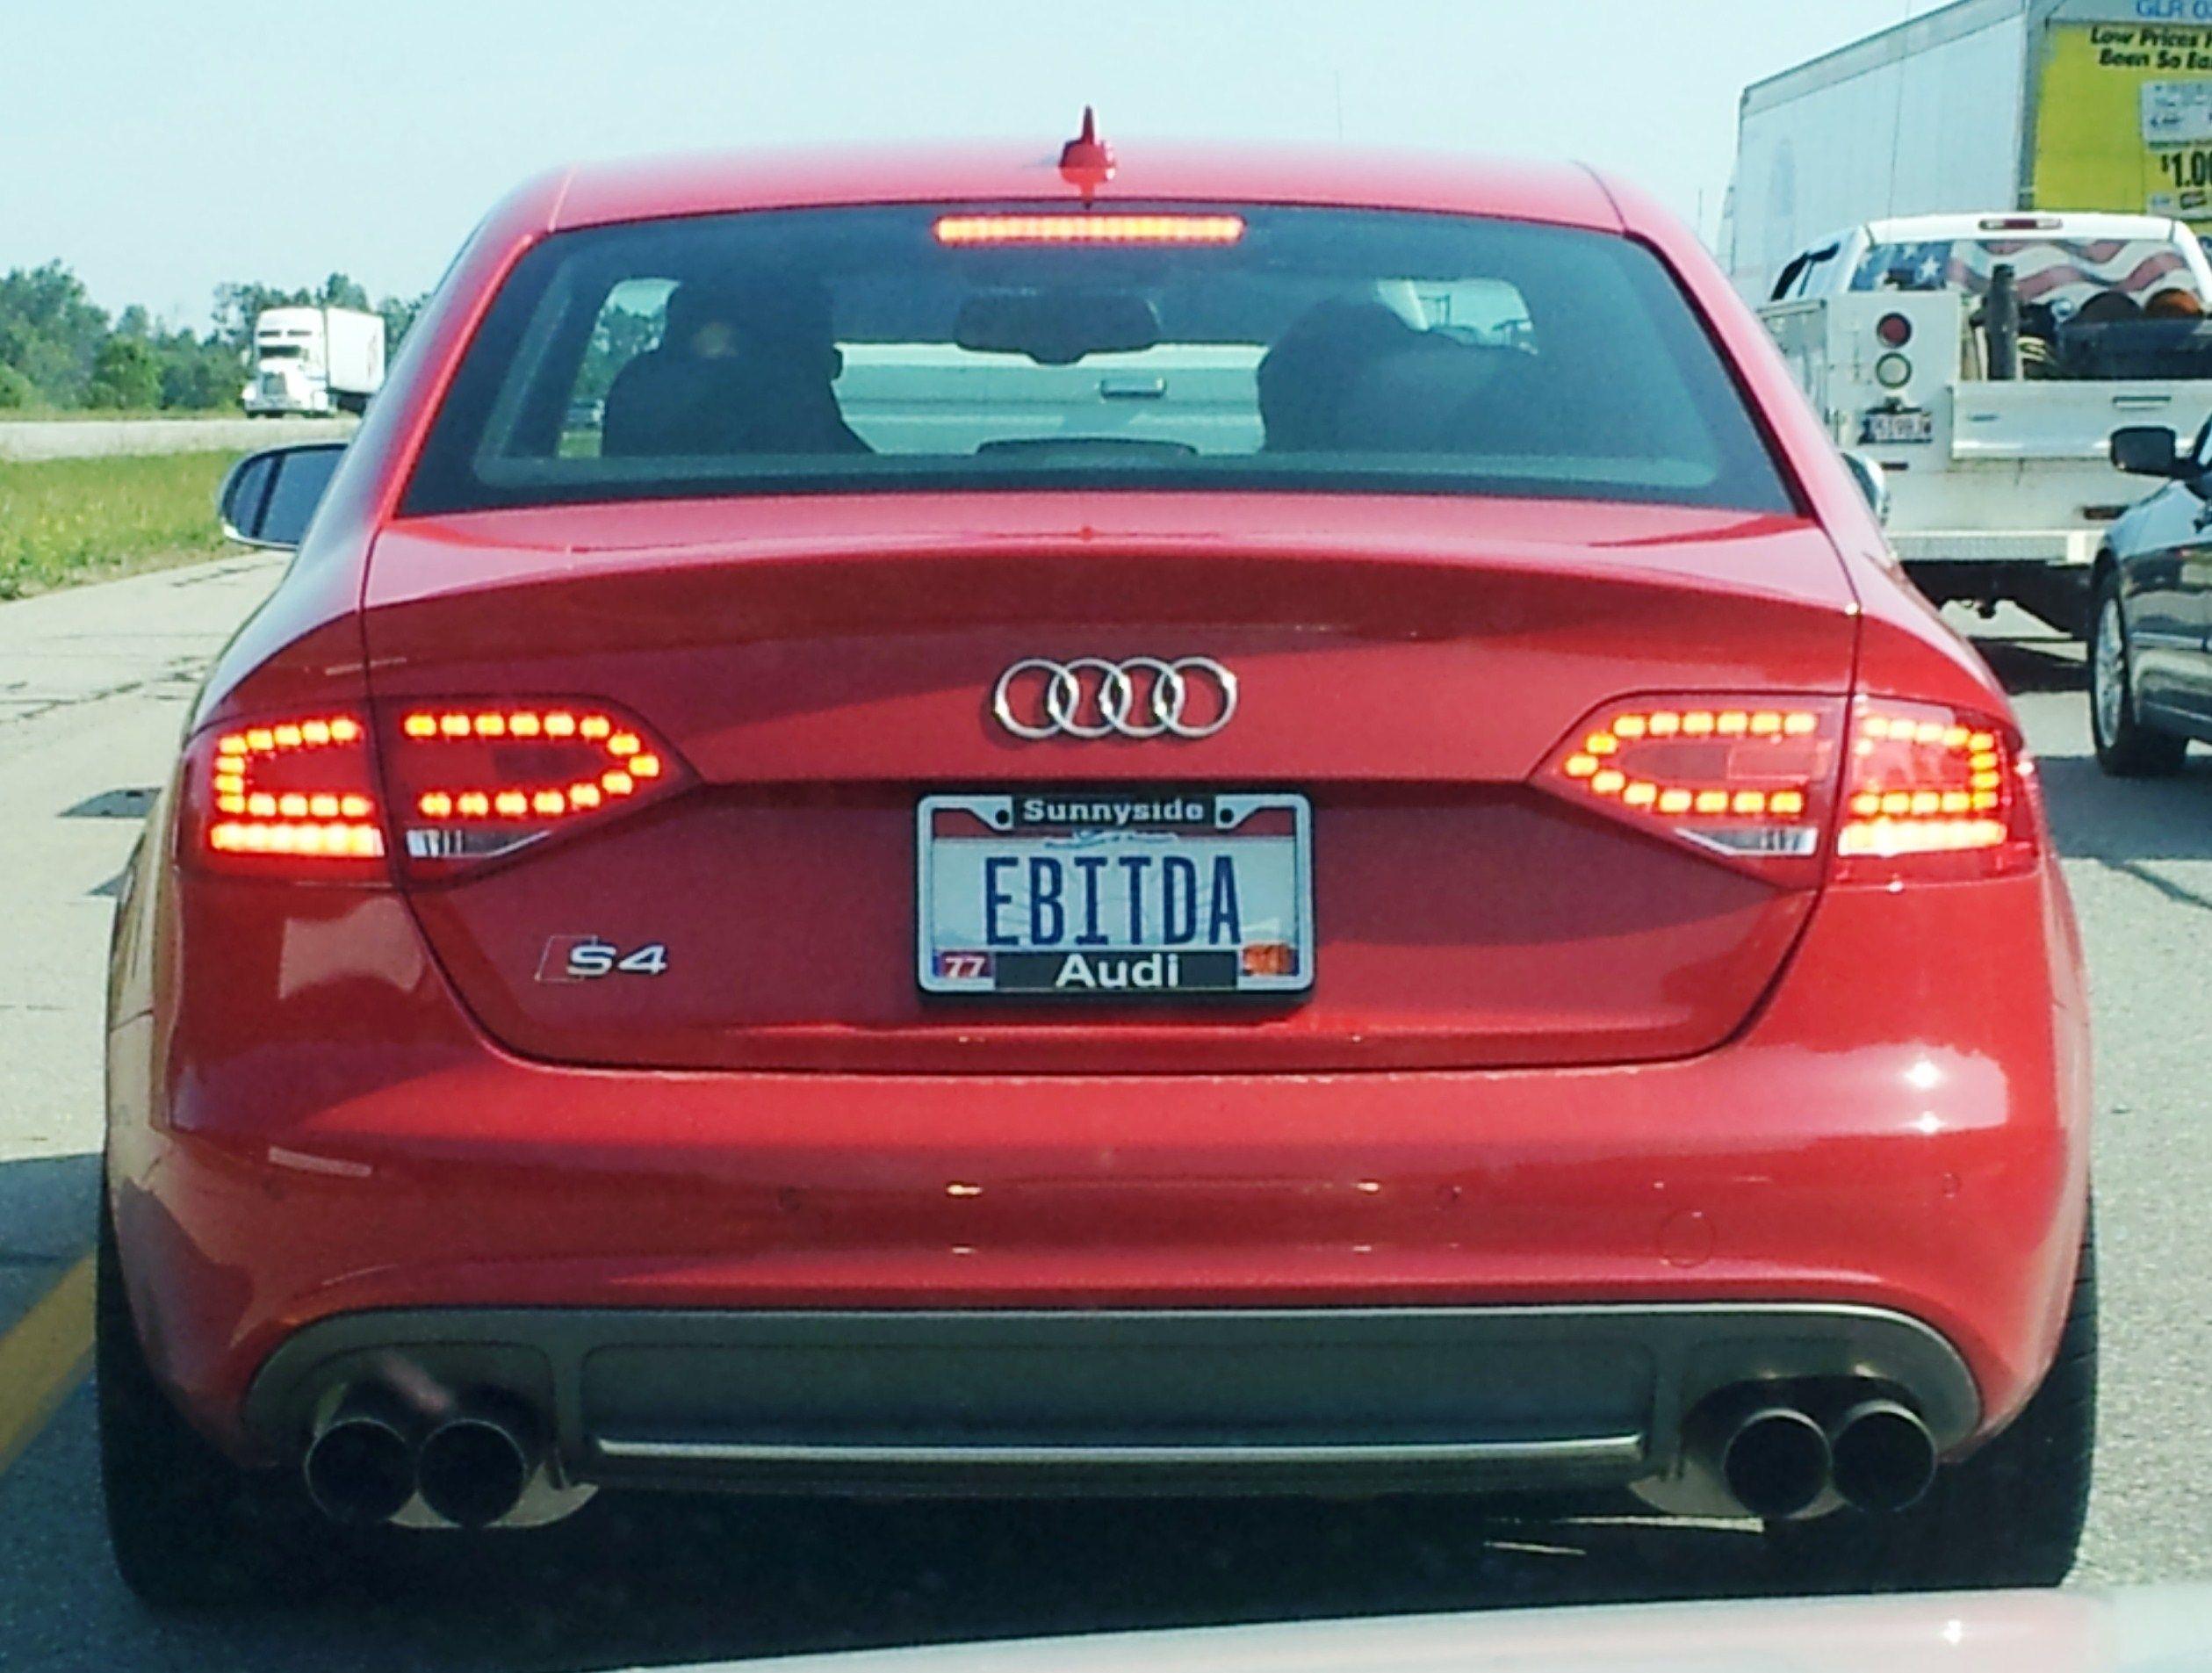 EBITDA License Plates